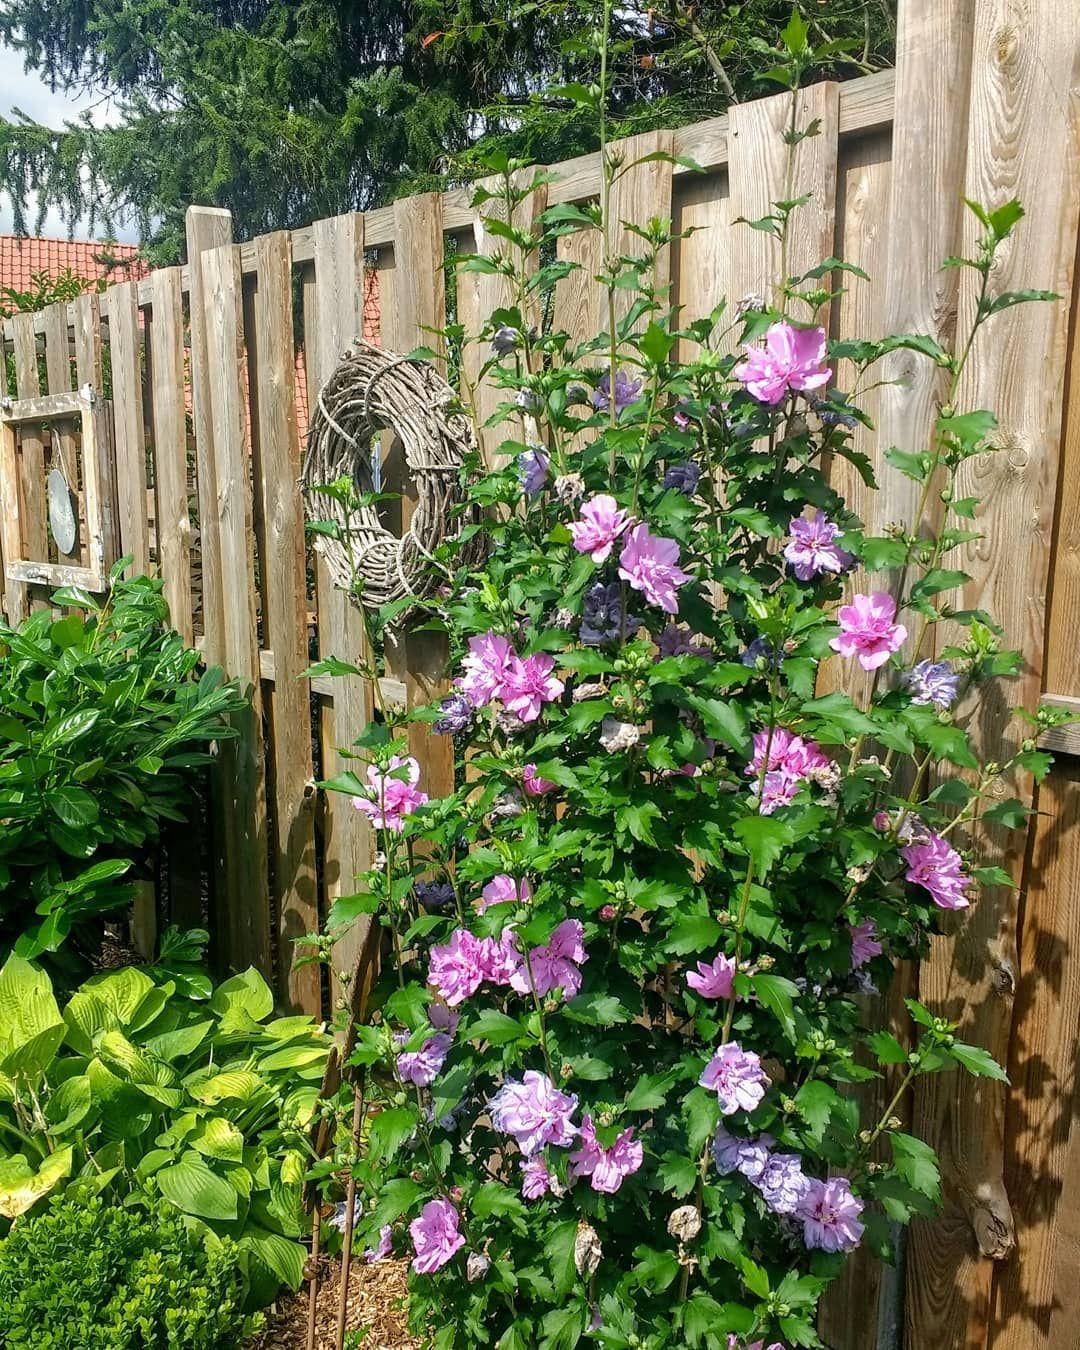 Hibiskusliebe Gardenideas Garden Garten Gartendeko Gartenliebe Gartenidee Meinlandhausstyle Meingarten Hibiskus Hibiscus Landhaus Garten Resim